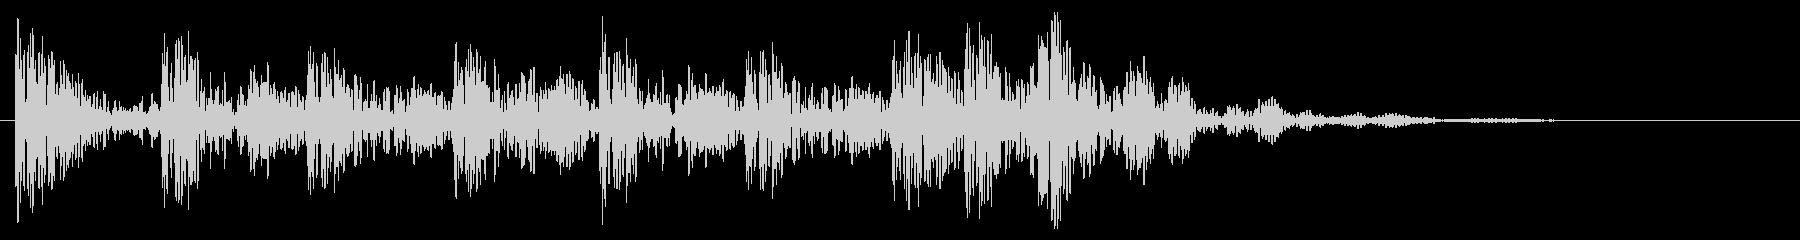 太鼓での場面転換音 打楽器 和風 どんの未再生の波形